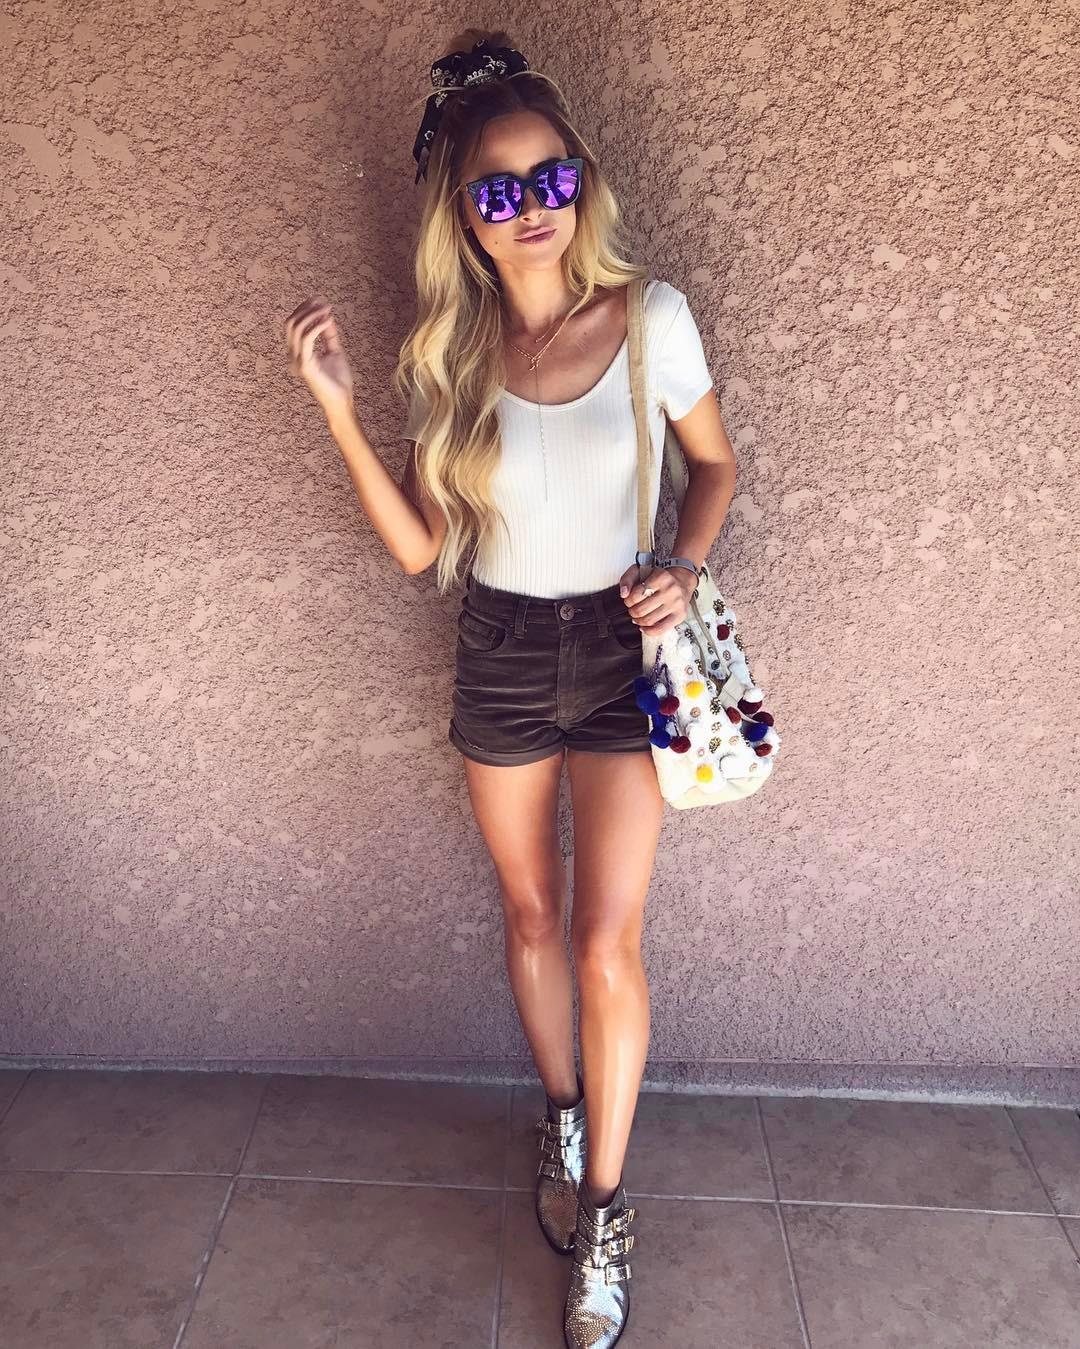 Amanda Stanton